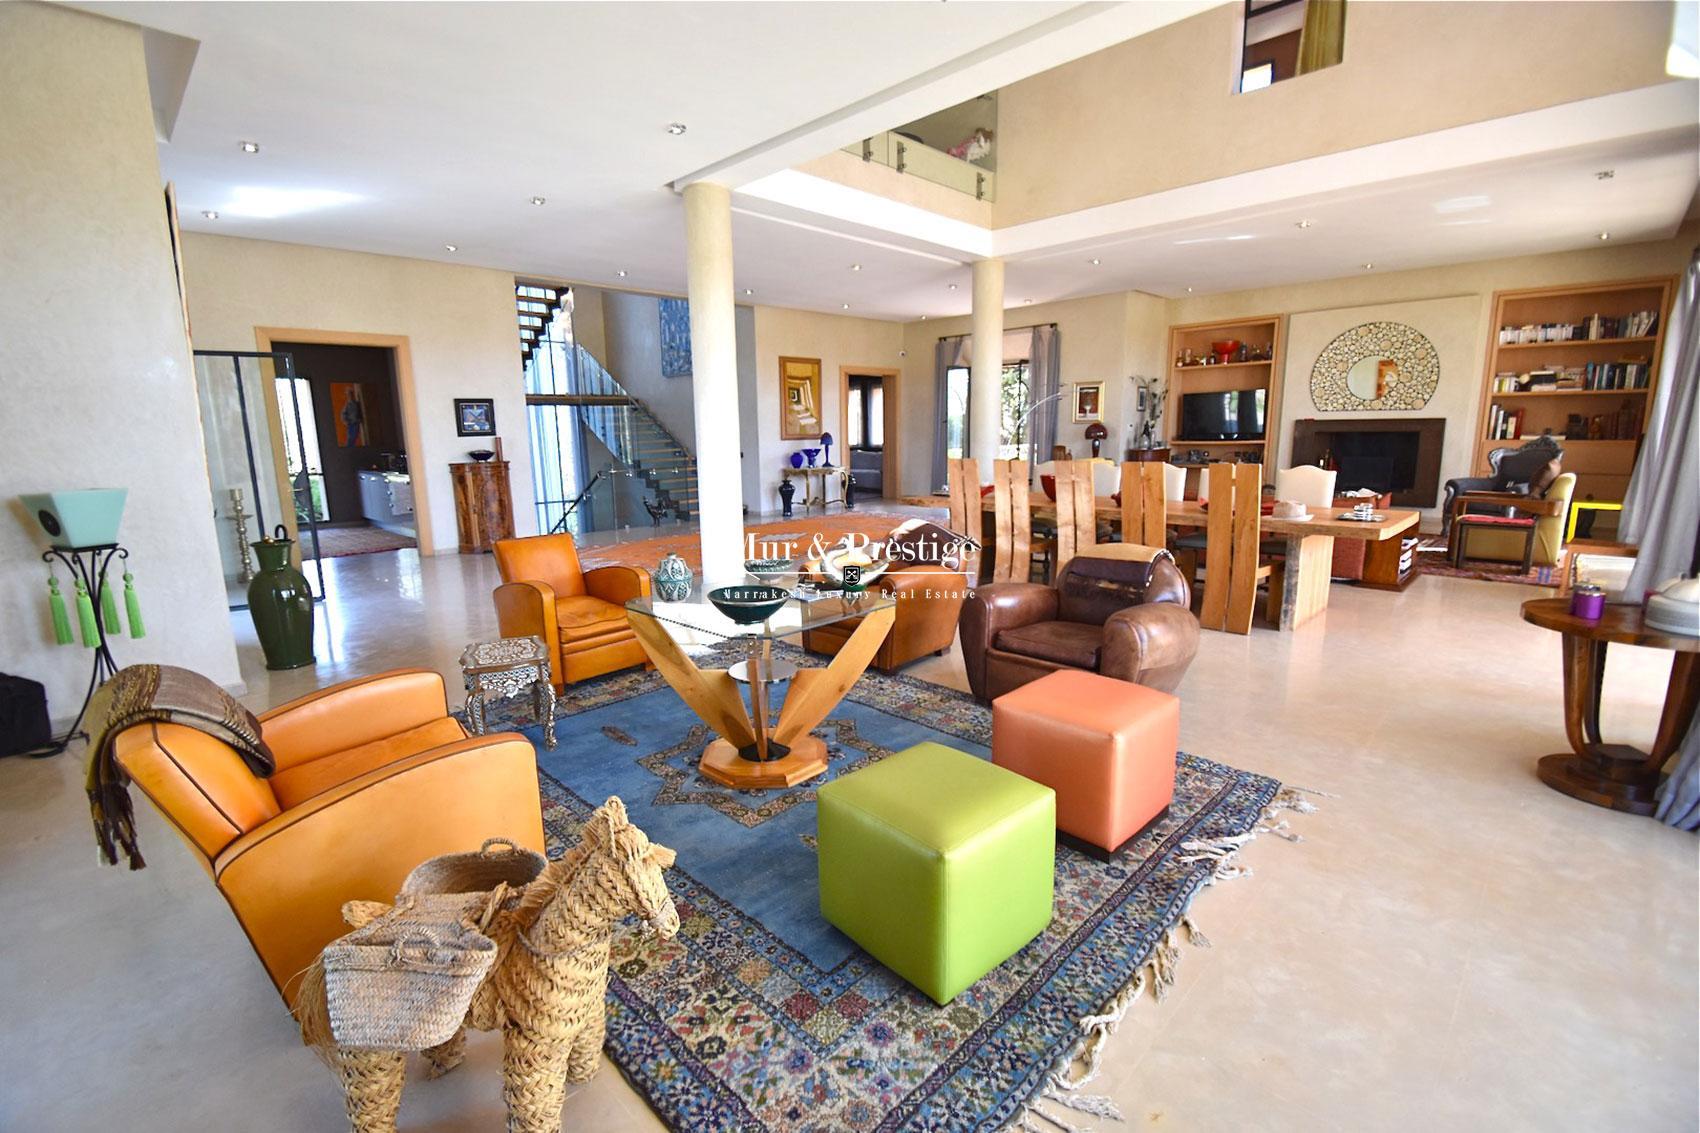 Vente d'une villa de charme a Marrakech